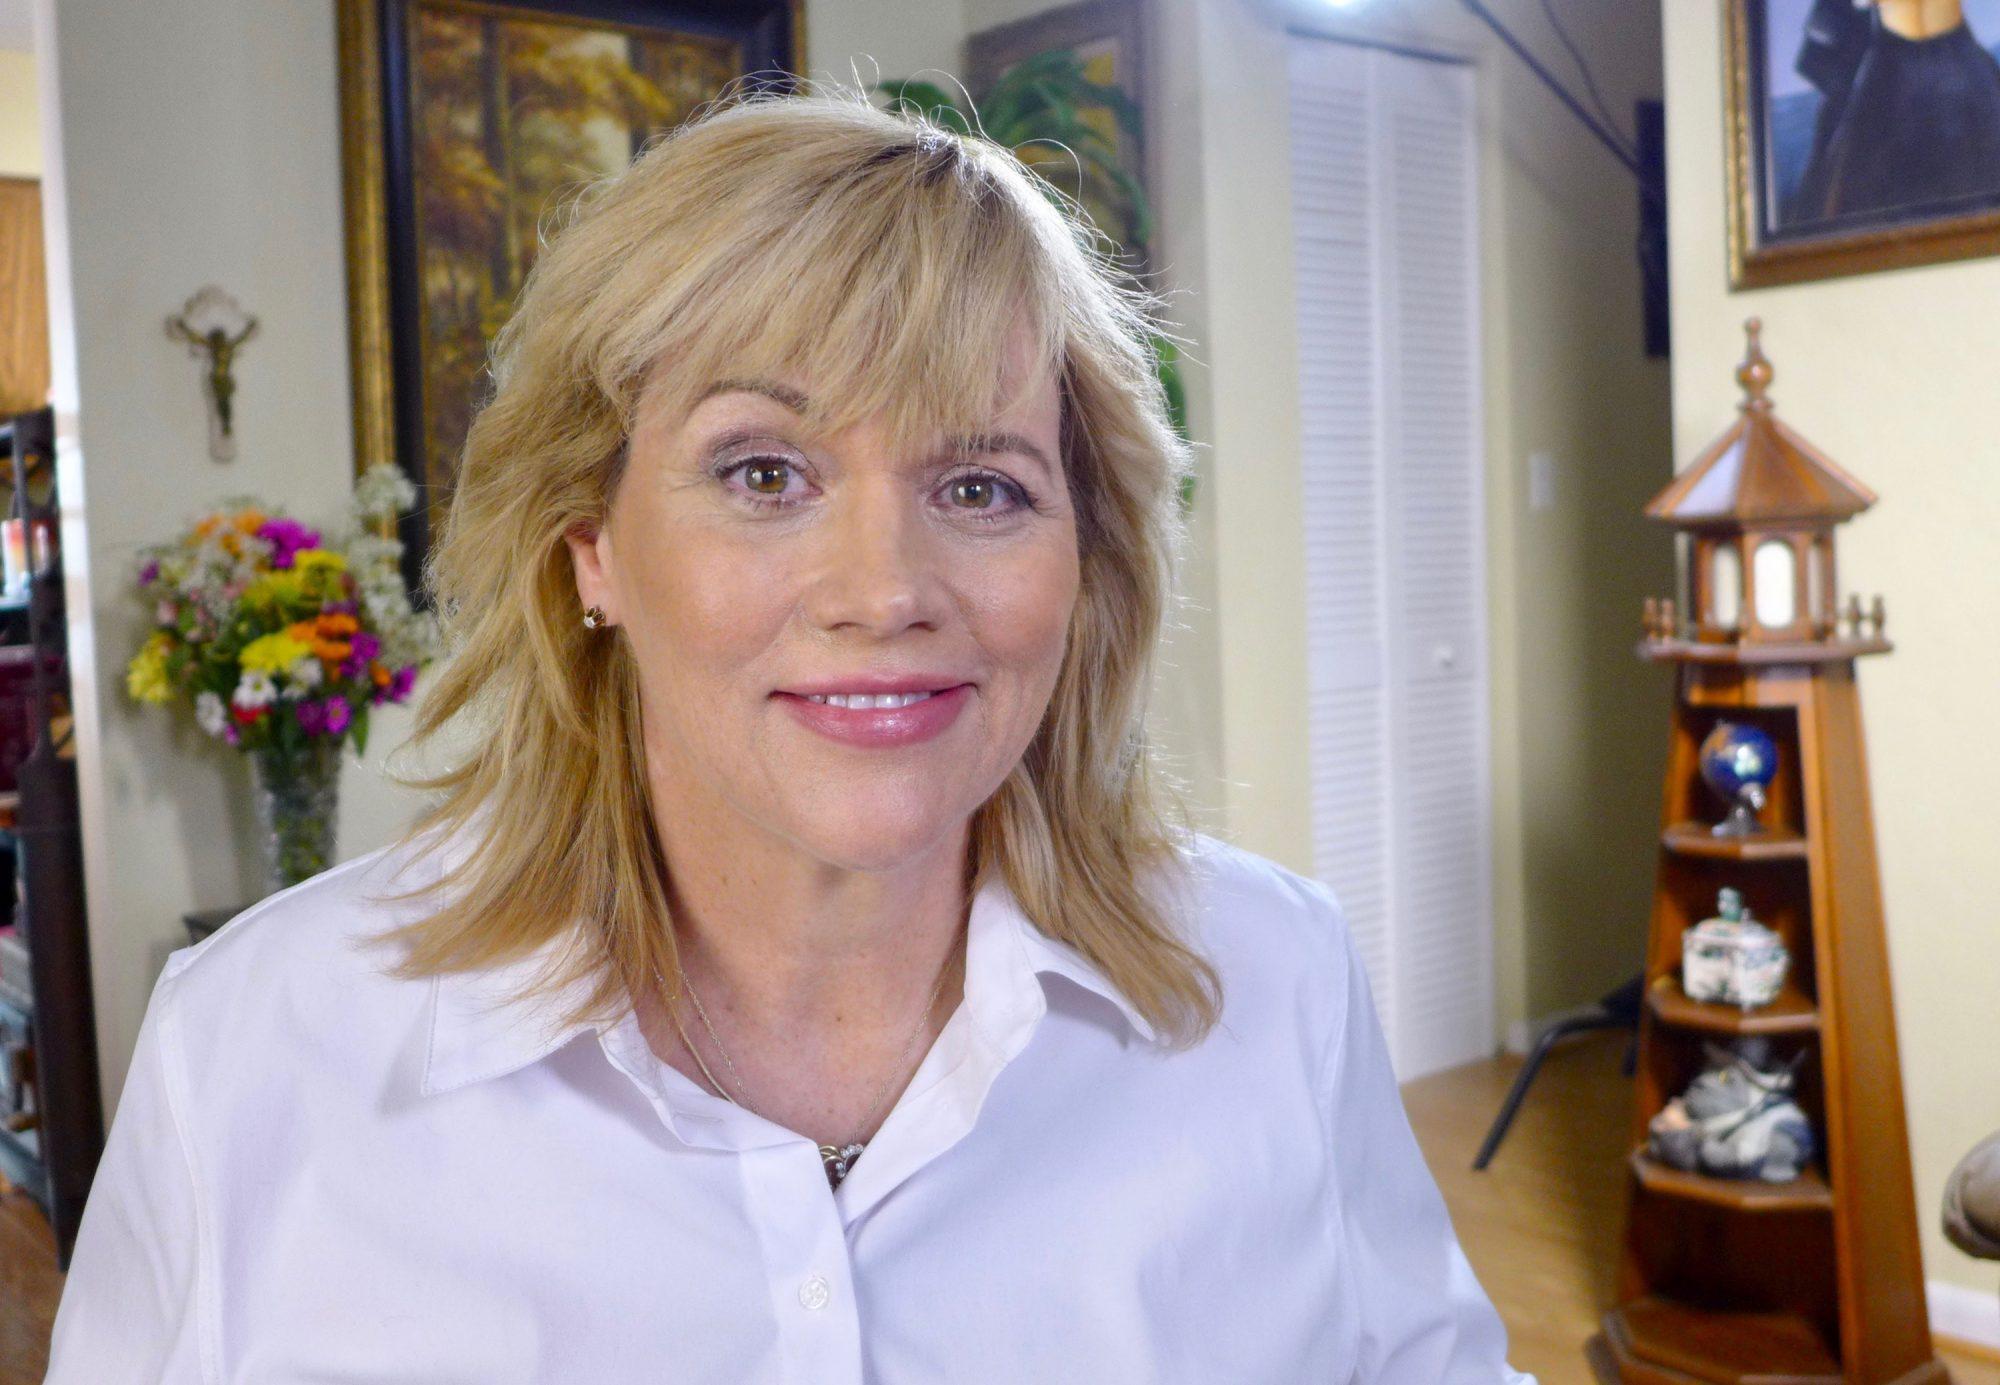 Samantha Markle